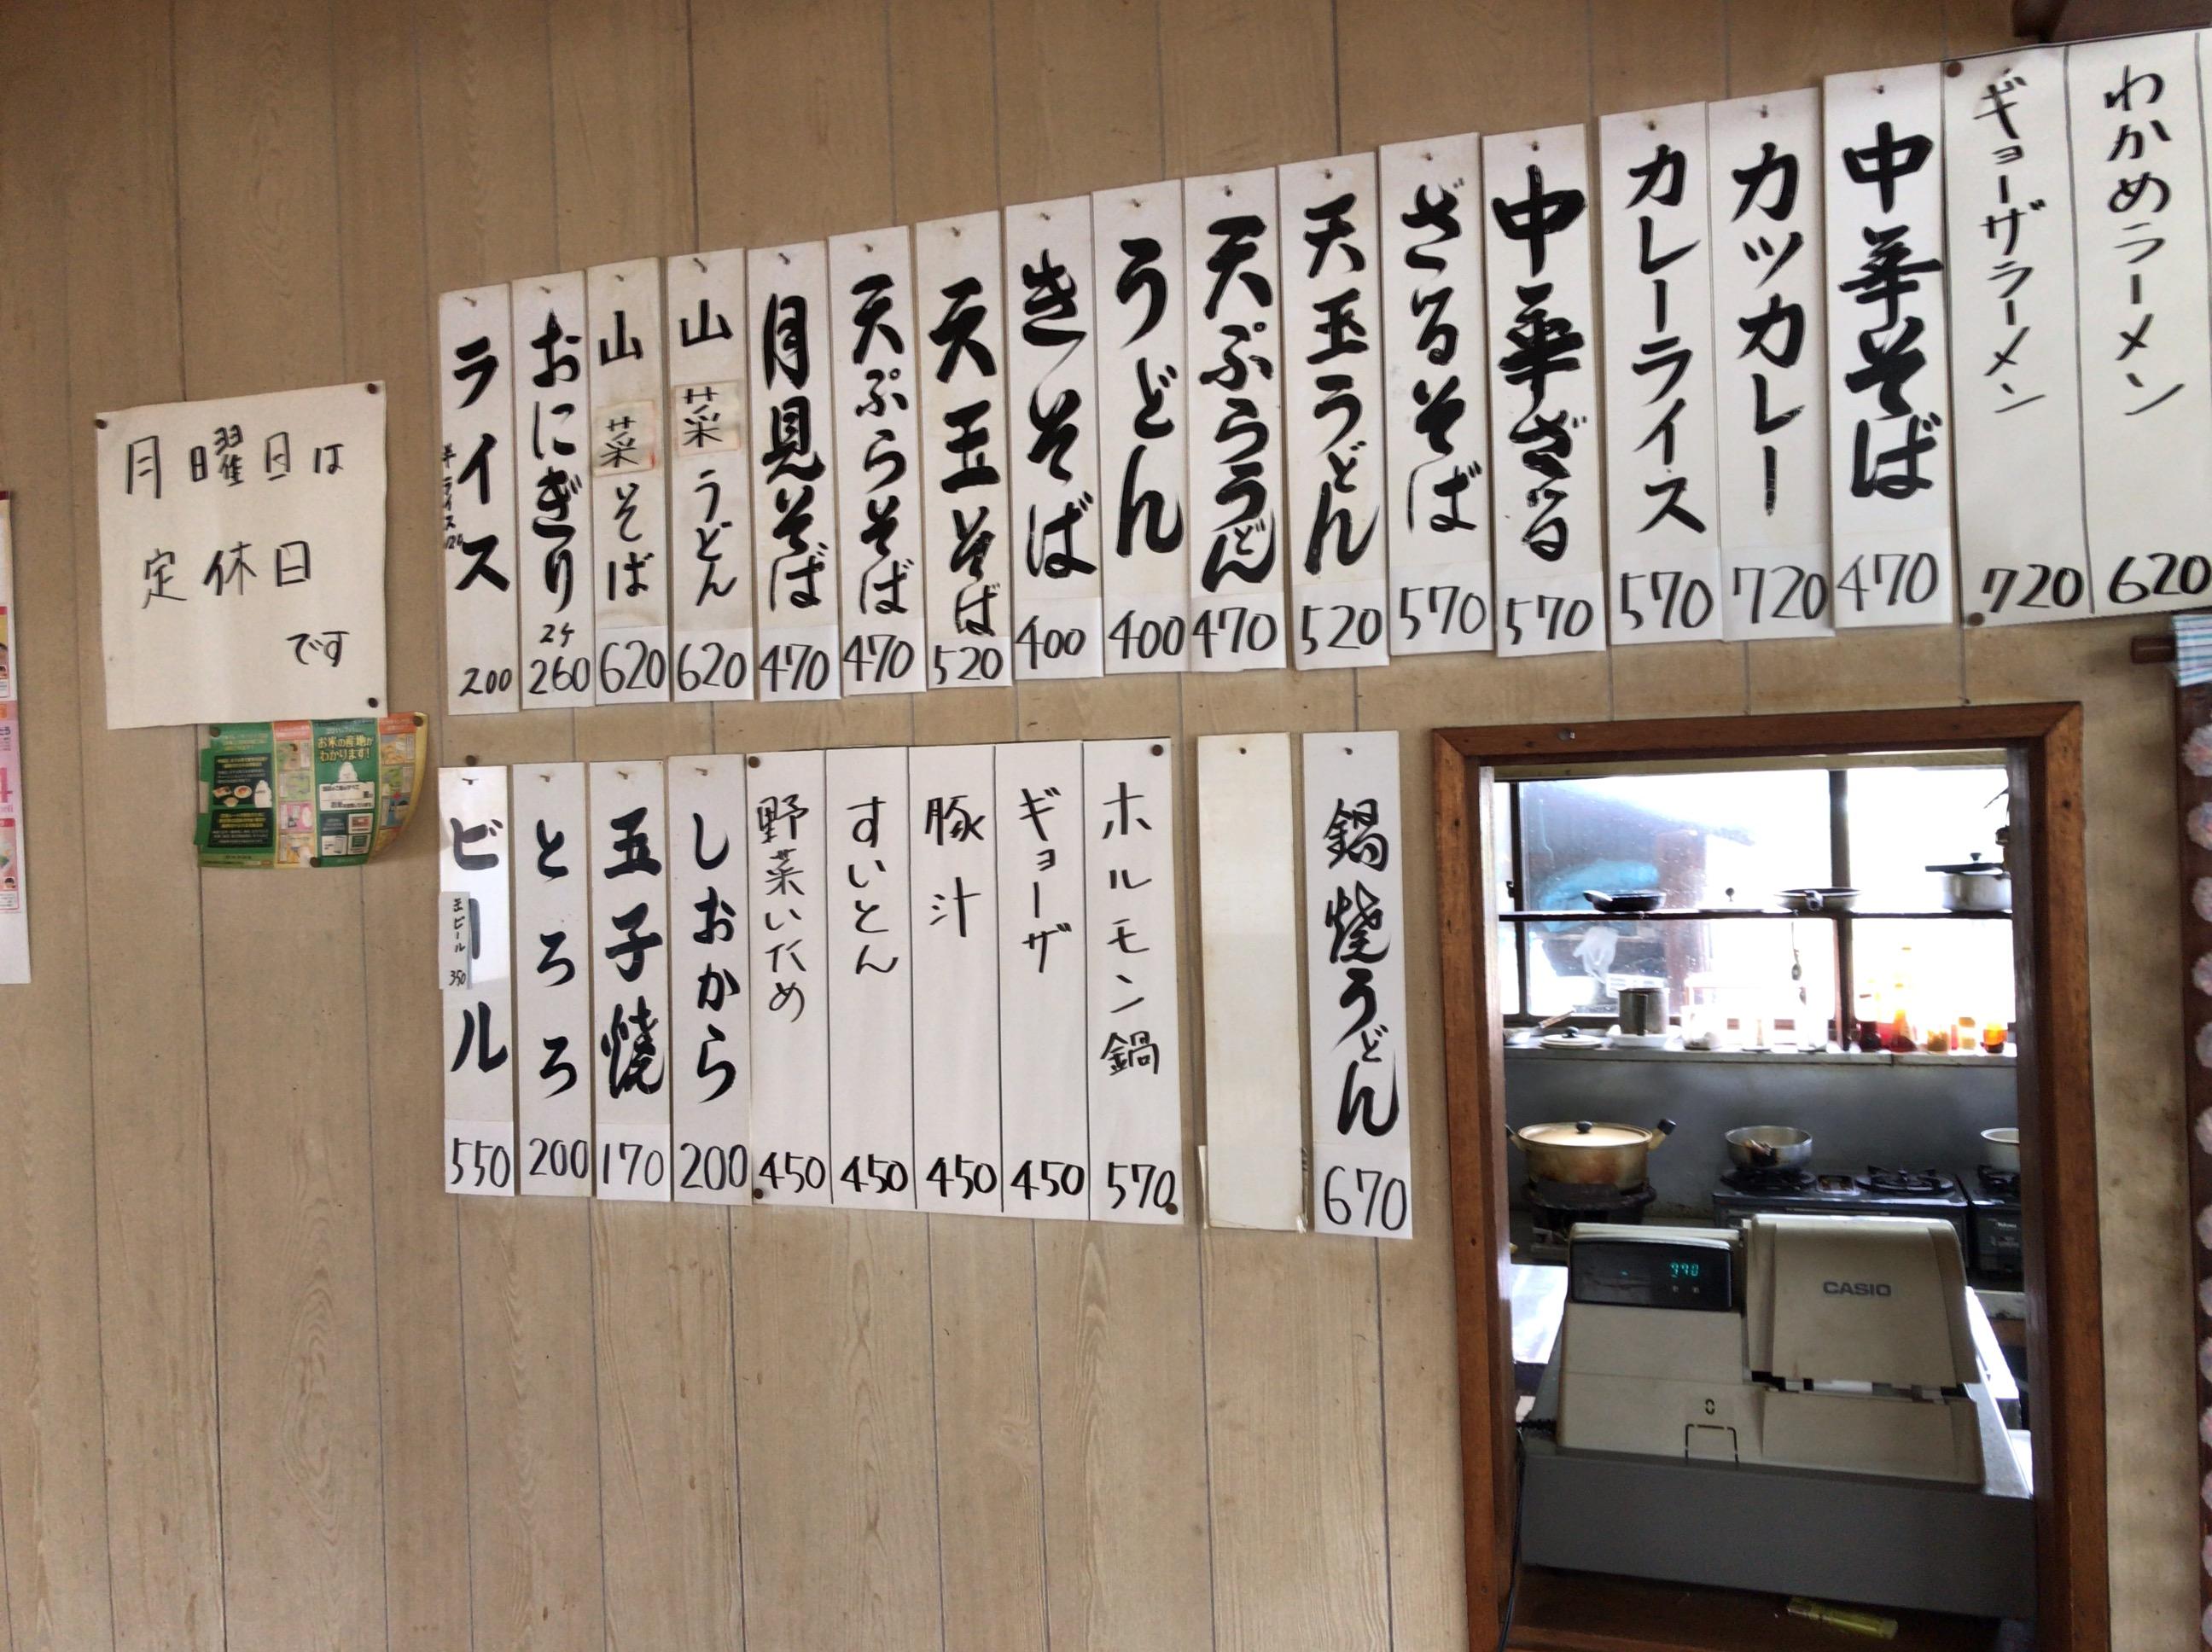 ネギみそラーメン(720円)